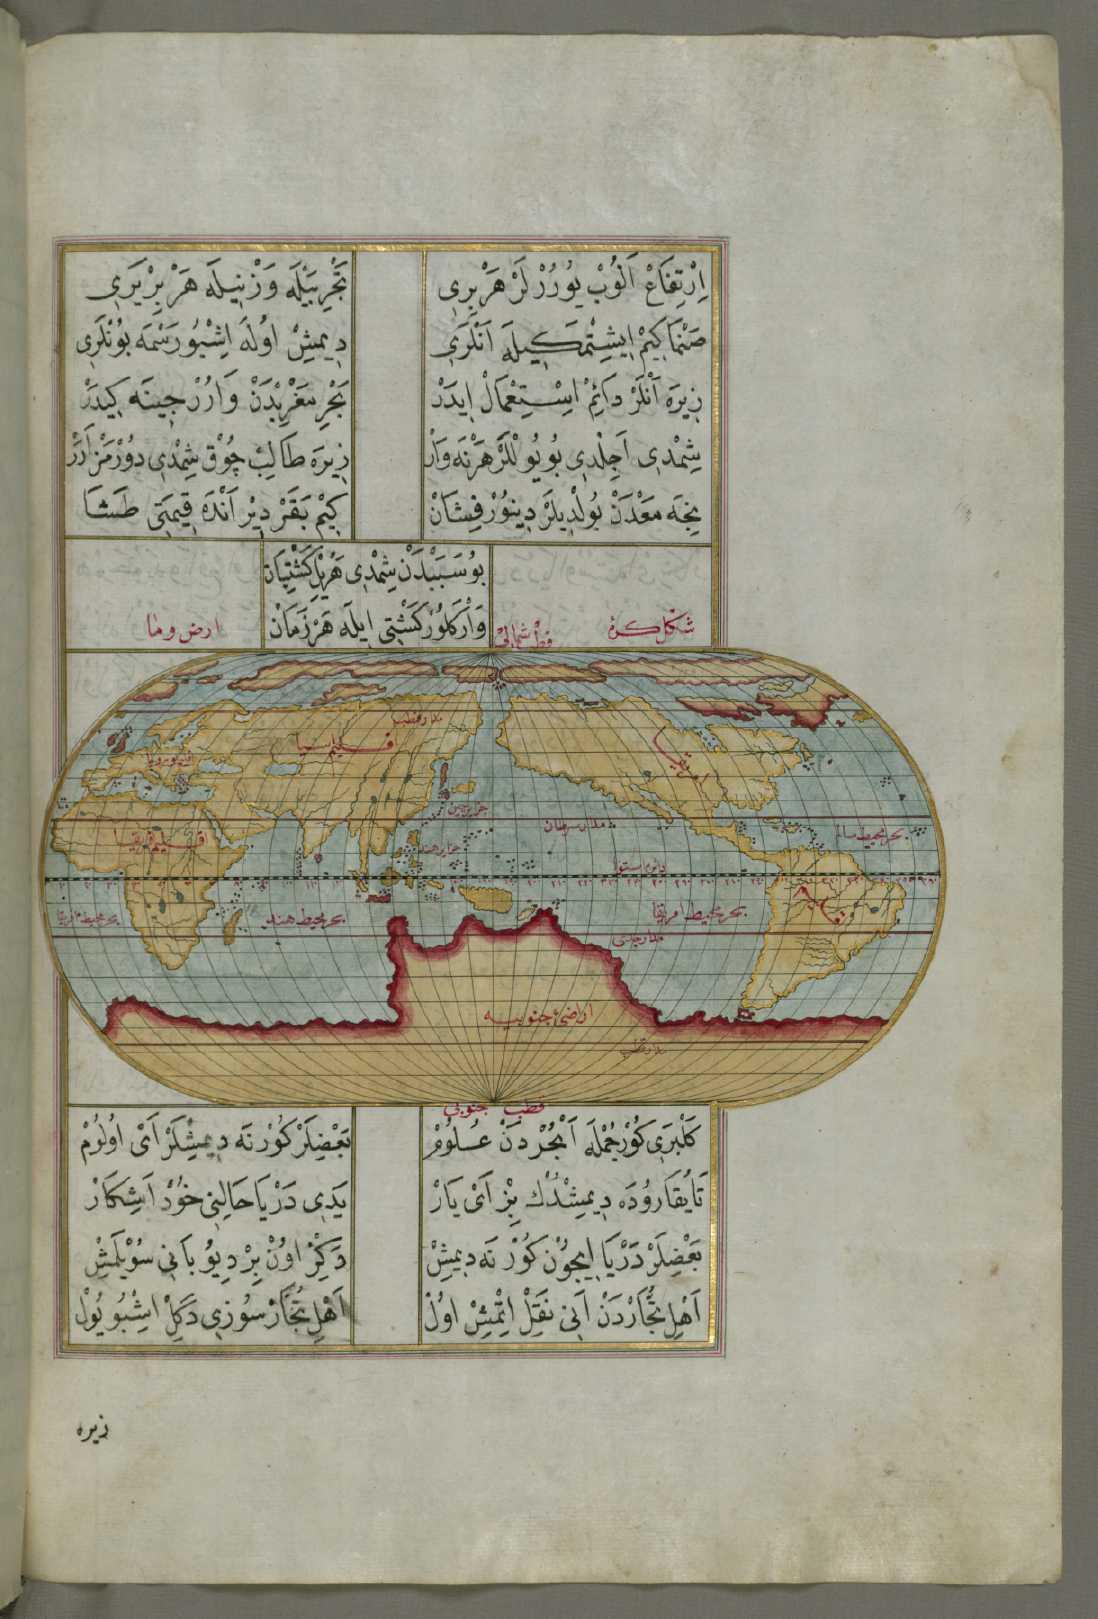 بالصور خريطة بيري ريس , تعرف على تاريج هذه الخريطة 11522 6